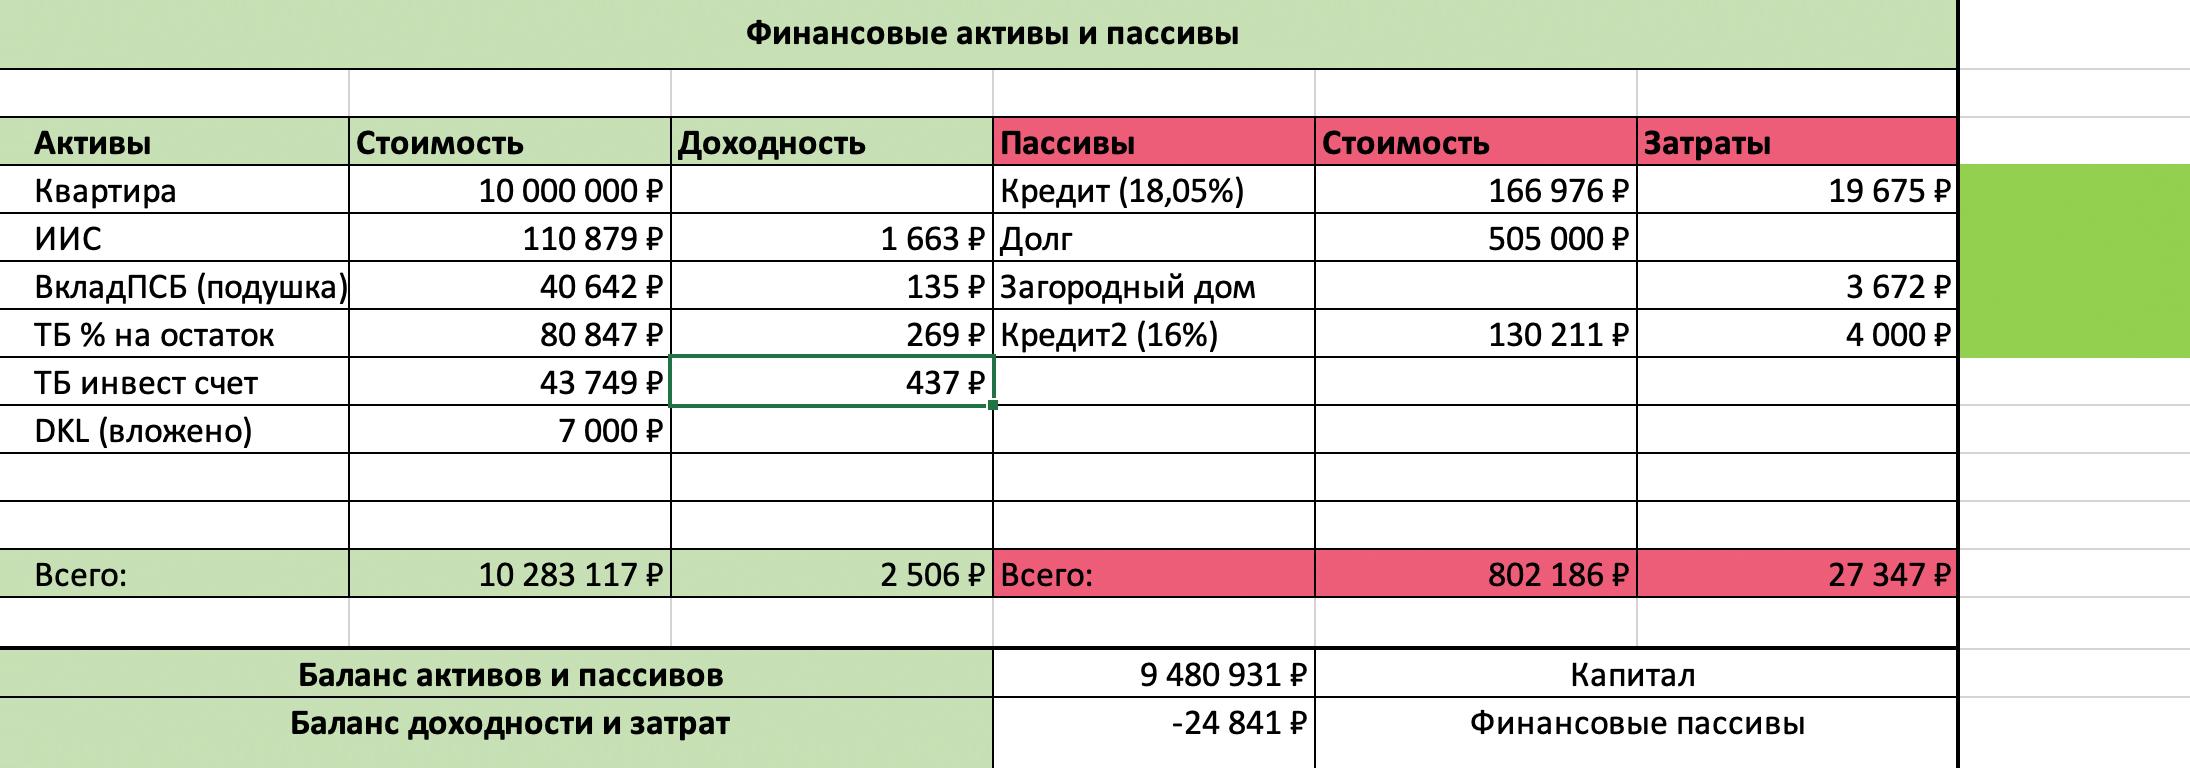 Моя таблица с активами и пассивами